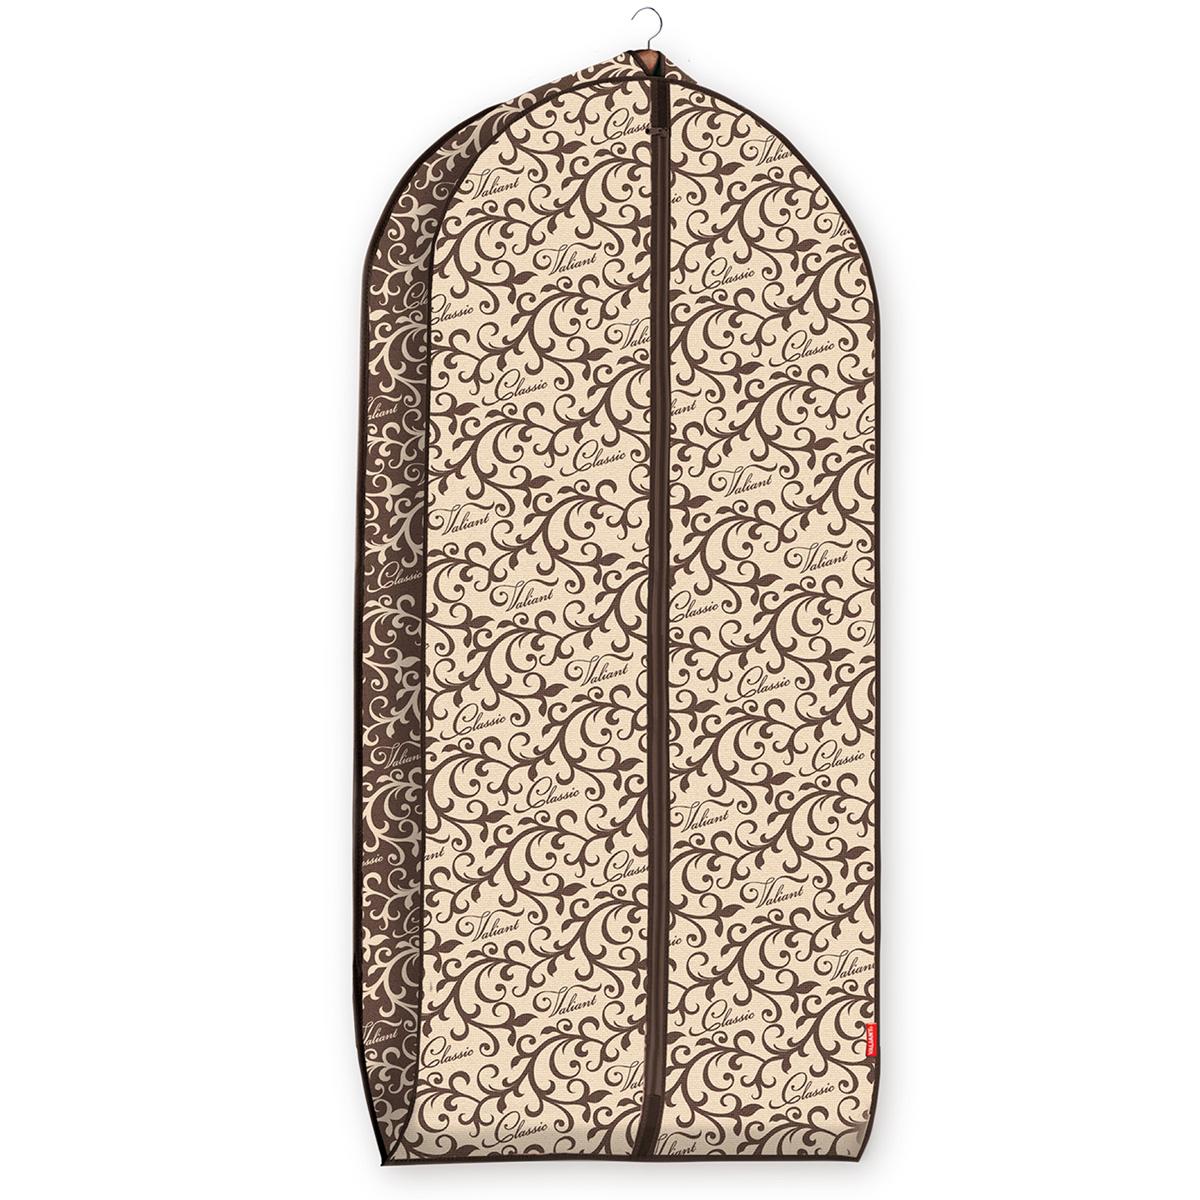 """Чехол для одежды Valiant """"Classic"""" изготовлен из высококачественного нетканого материала, который обеспечивает естественную вентиляцию, позволяя воздуху проникать внутрь, но не пропускает пыль. Чехол очень удобен в использовании. Наличие боковой вставки увеличивает объем чехла, что позволяет хранить крупные объемные вещи. Чехол легко открывается и закрывается застежкой-молнией. Идеально подойдет для хранения одежды и удобной перевозки. Оригинальный дизайн """"Classic"""" придется по вкусу ценительницам прекрасного. Система хранения станет стильным акцентом в современном гардеробе."""